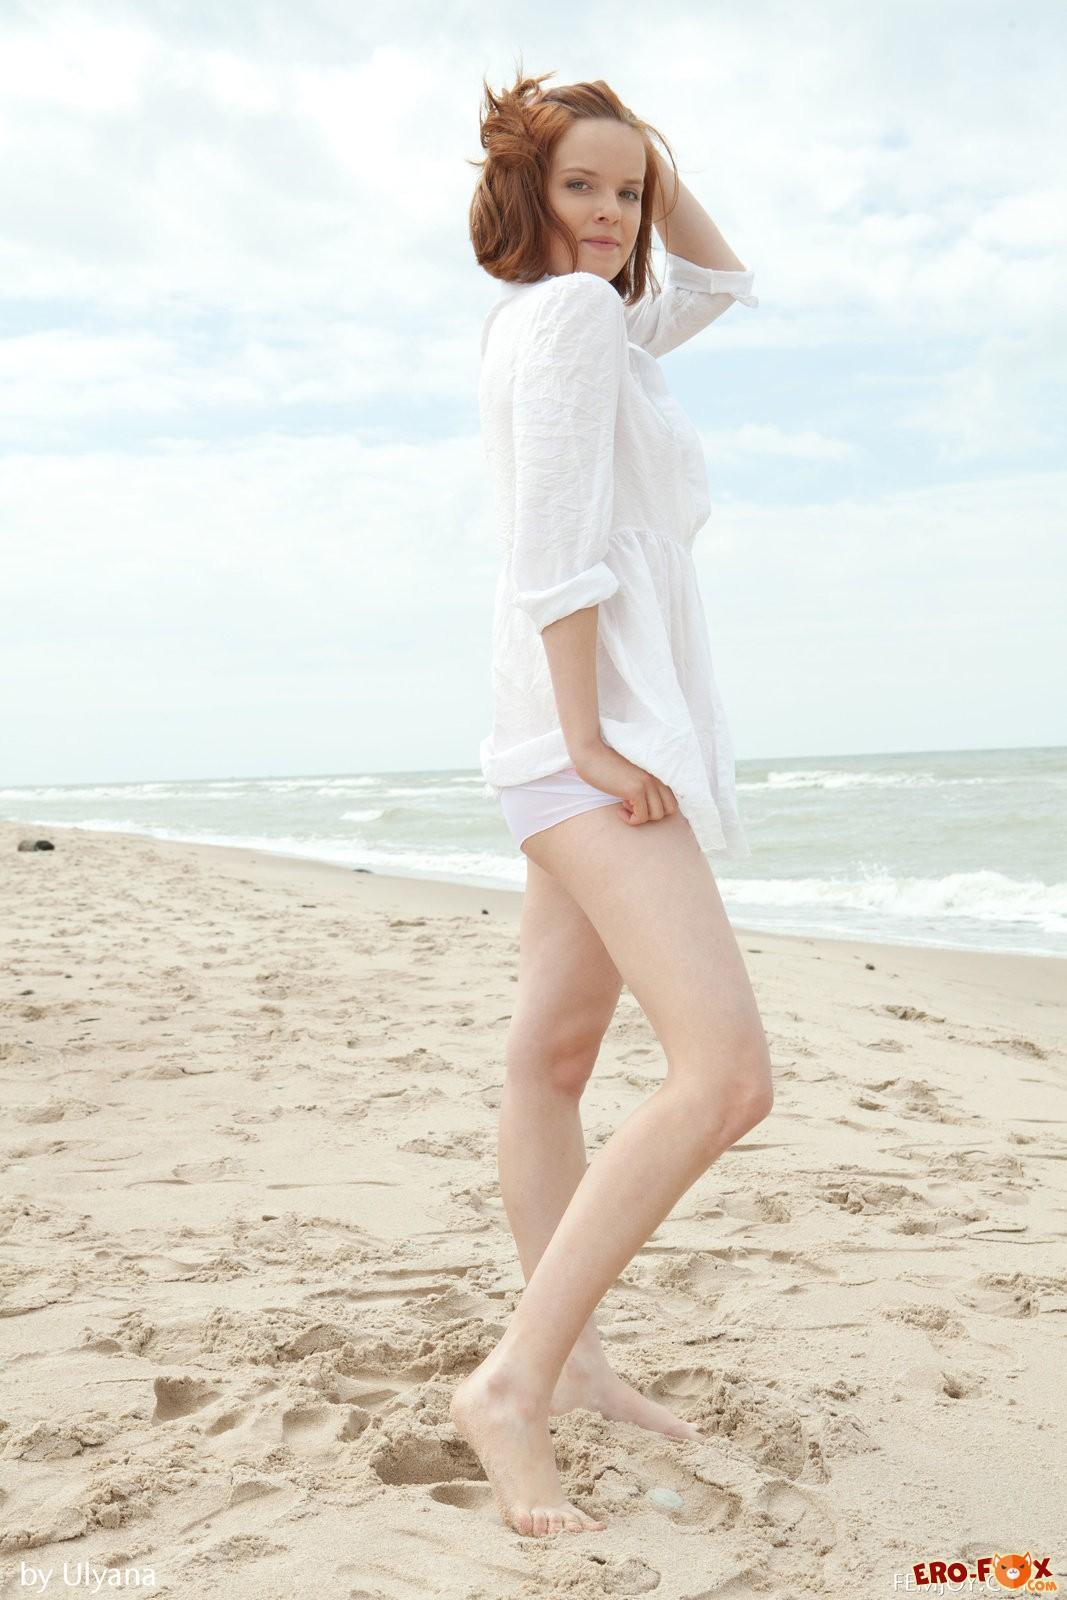 Рыжая с волосатой киской голая на пляже